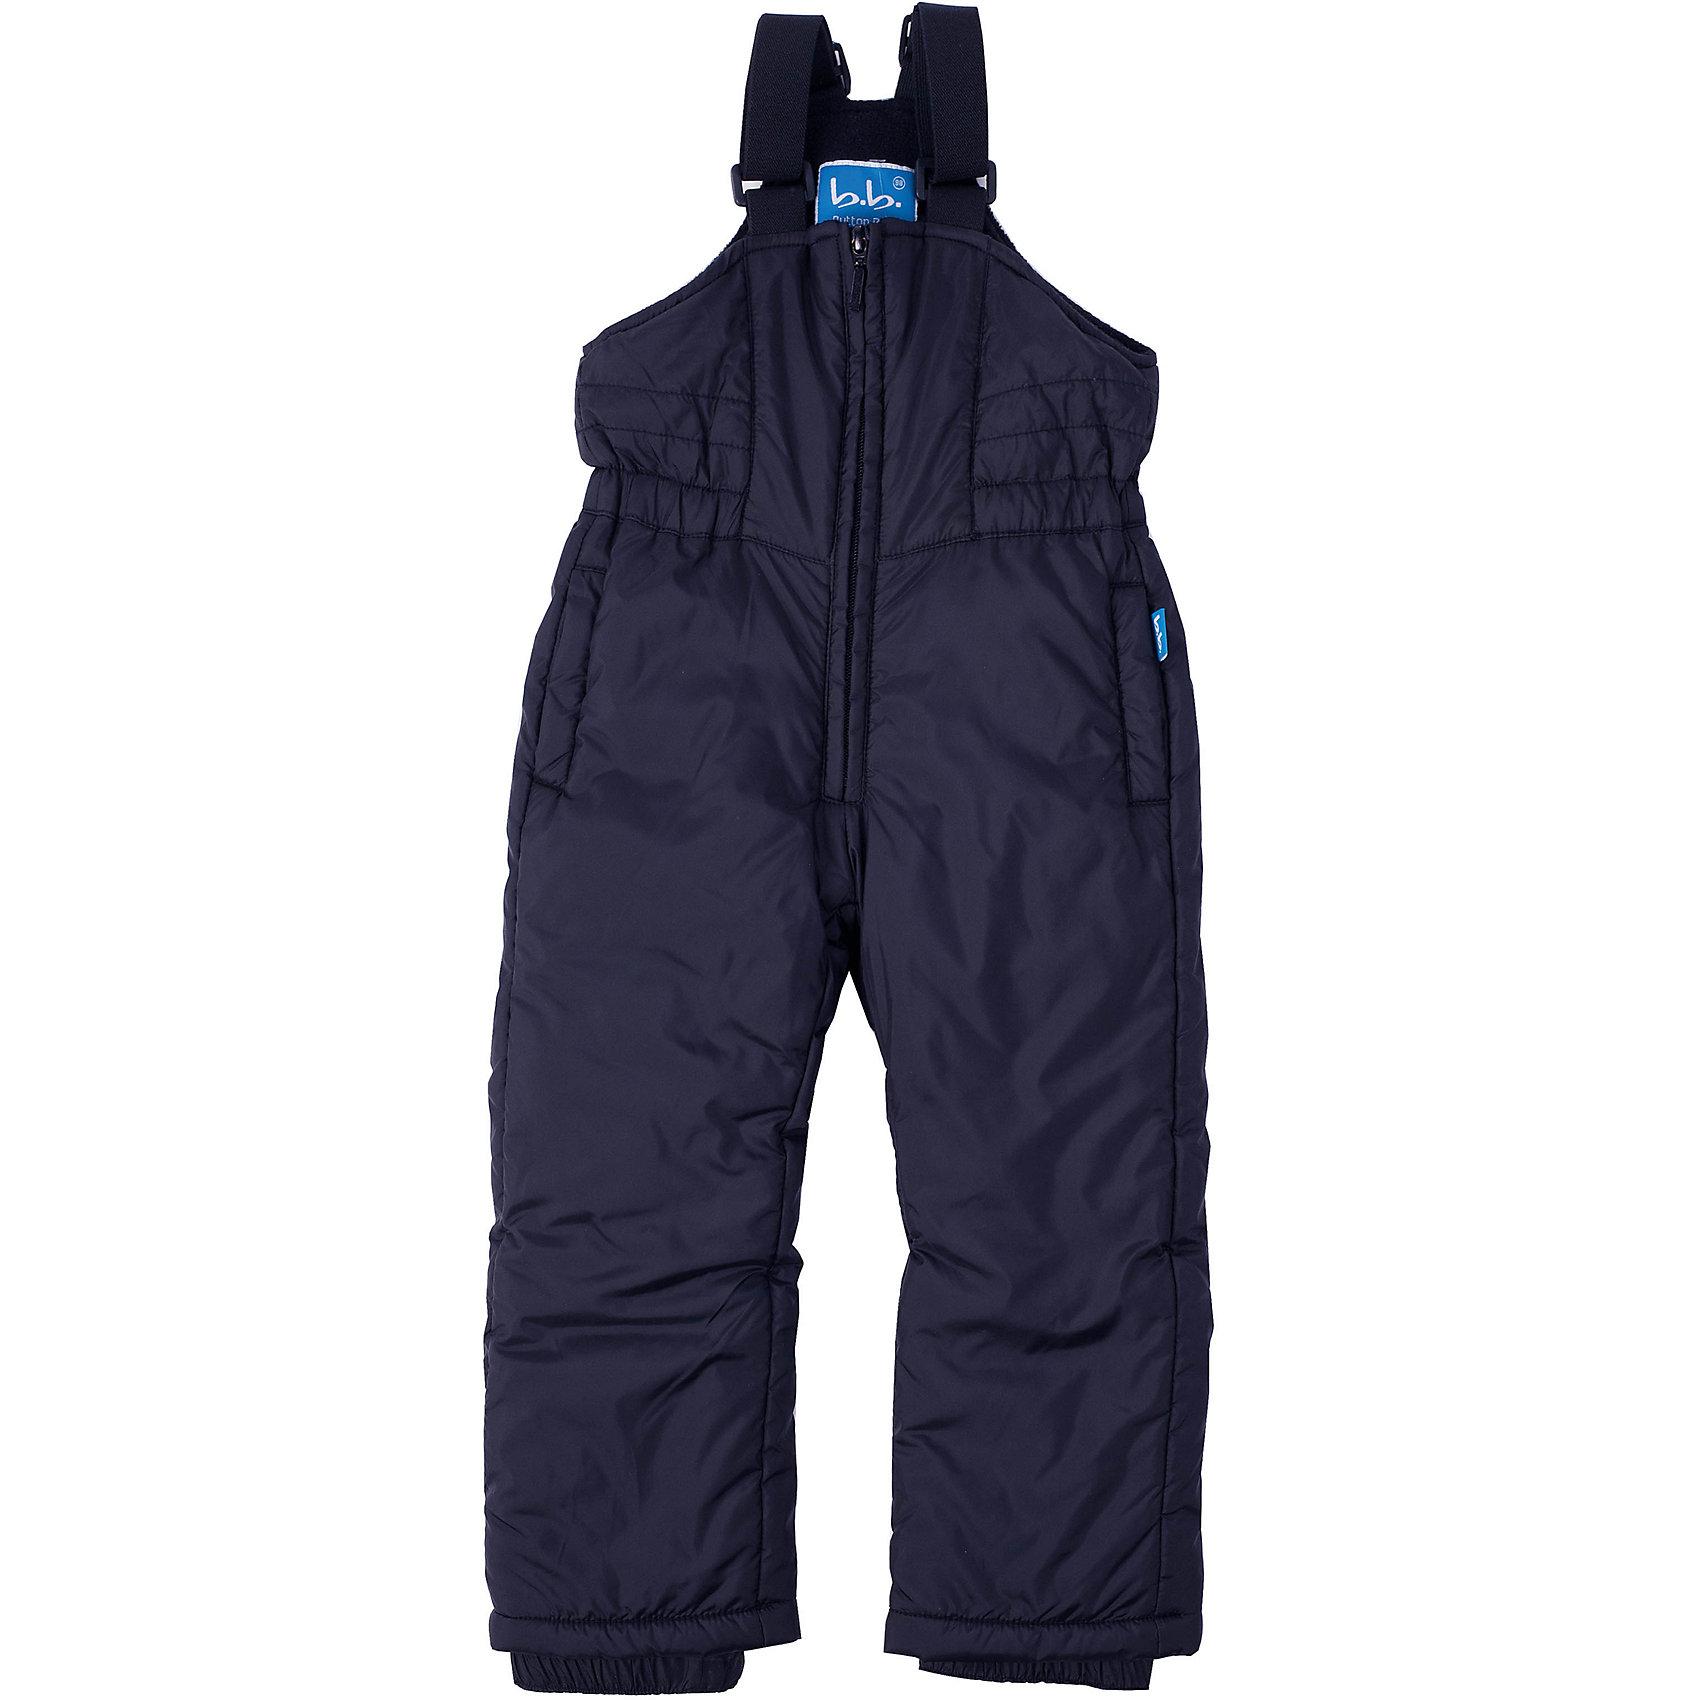 Полукомбинезон для девочки Button BlueПолукомбинезон из плащевого материала на синтепоне - основная модель прогулочного гардероба ребенка. Он обеспечит тепло и уют, защитив ребенка от холода и промокания. Верхняя часть подкладки комбинезона выполнена из комфортного флиса. Комбинезон имеет внутренние манжеты на резинке, обеспечивающие защиту от попадания снега в обувь.<br>Состав:<br>тк. верха:                        100%полиэстер,                           подкл.:  100%полиэстер,           утепл.:         100%полиэстер<br><br>Ширина мм: 215<br>Глубина мм: 88<br>Высота мм: 191<br>Вес г: 336<br>Цвет: синий<br>Возраст от месяцев: 108<br>Возраст до месяцев: 120<br>Пол: Женский<br>Возраст: Детский<br>Размер: 140,152,146,116,158,104,110,134,98,122,128<br>SKU: 4227173